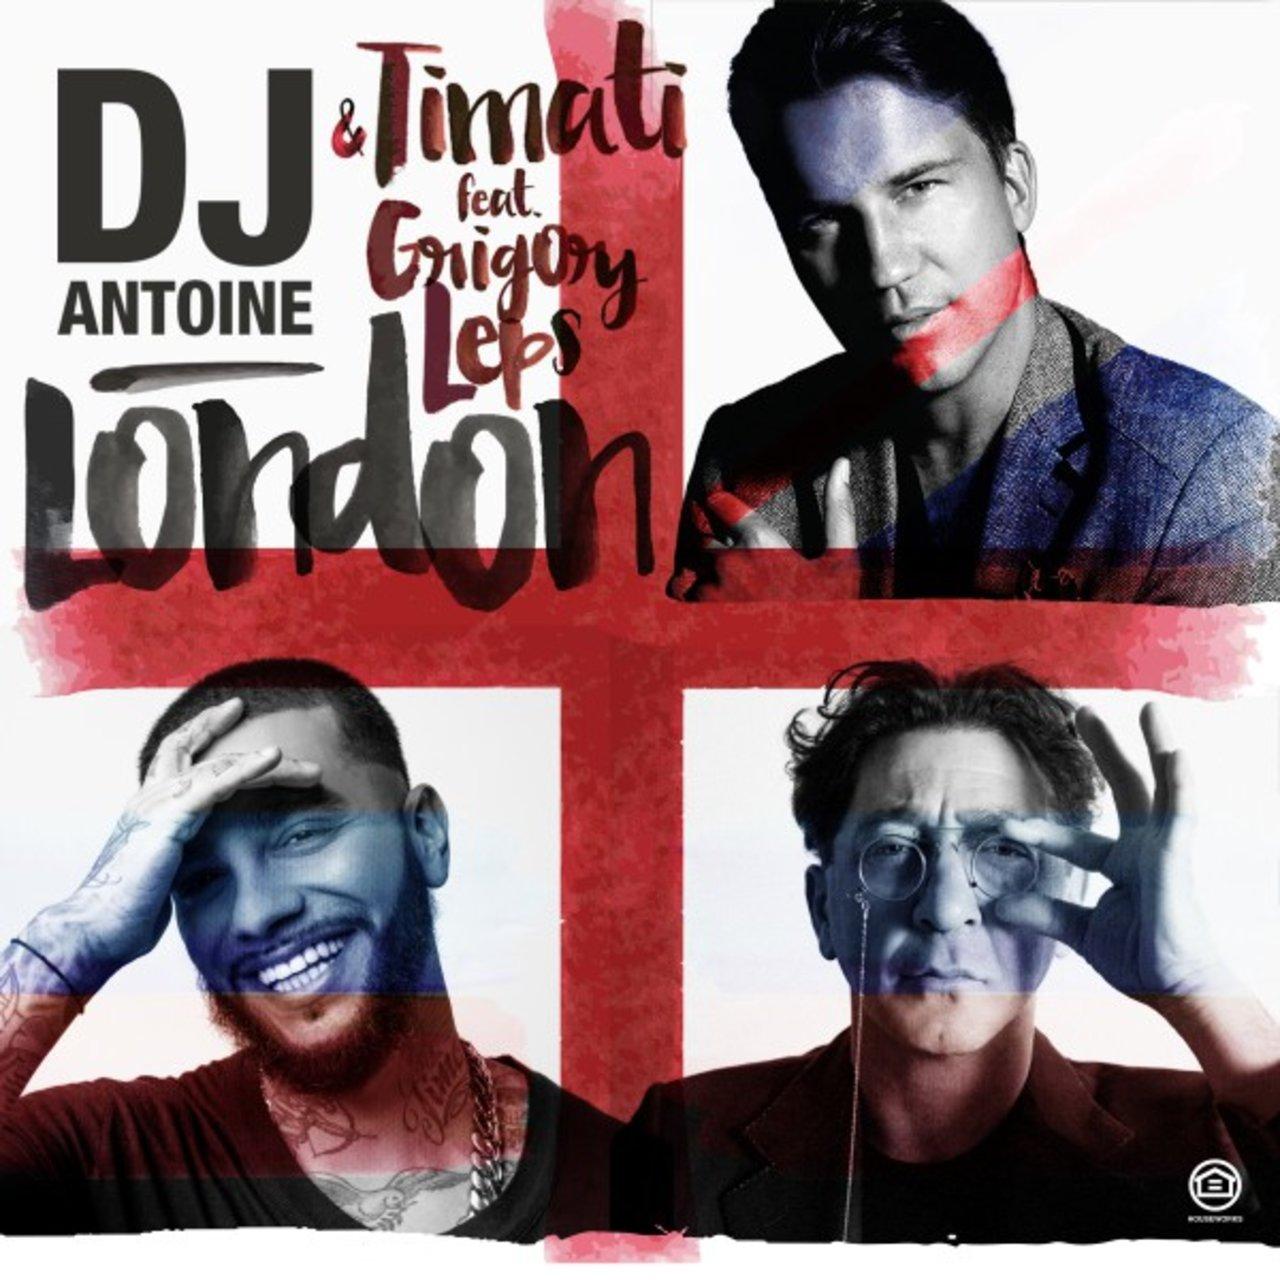 Timati london mp3 download.